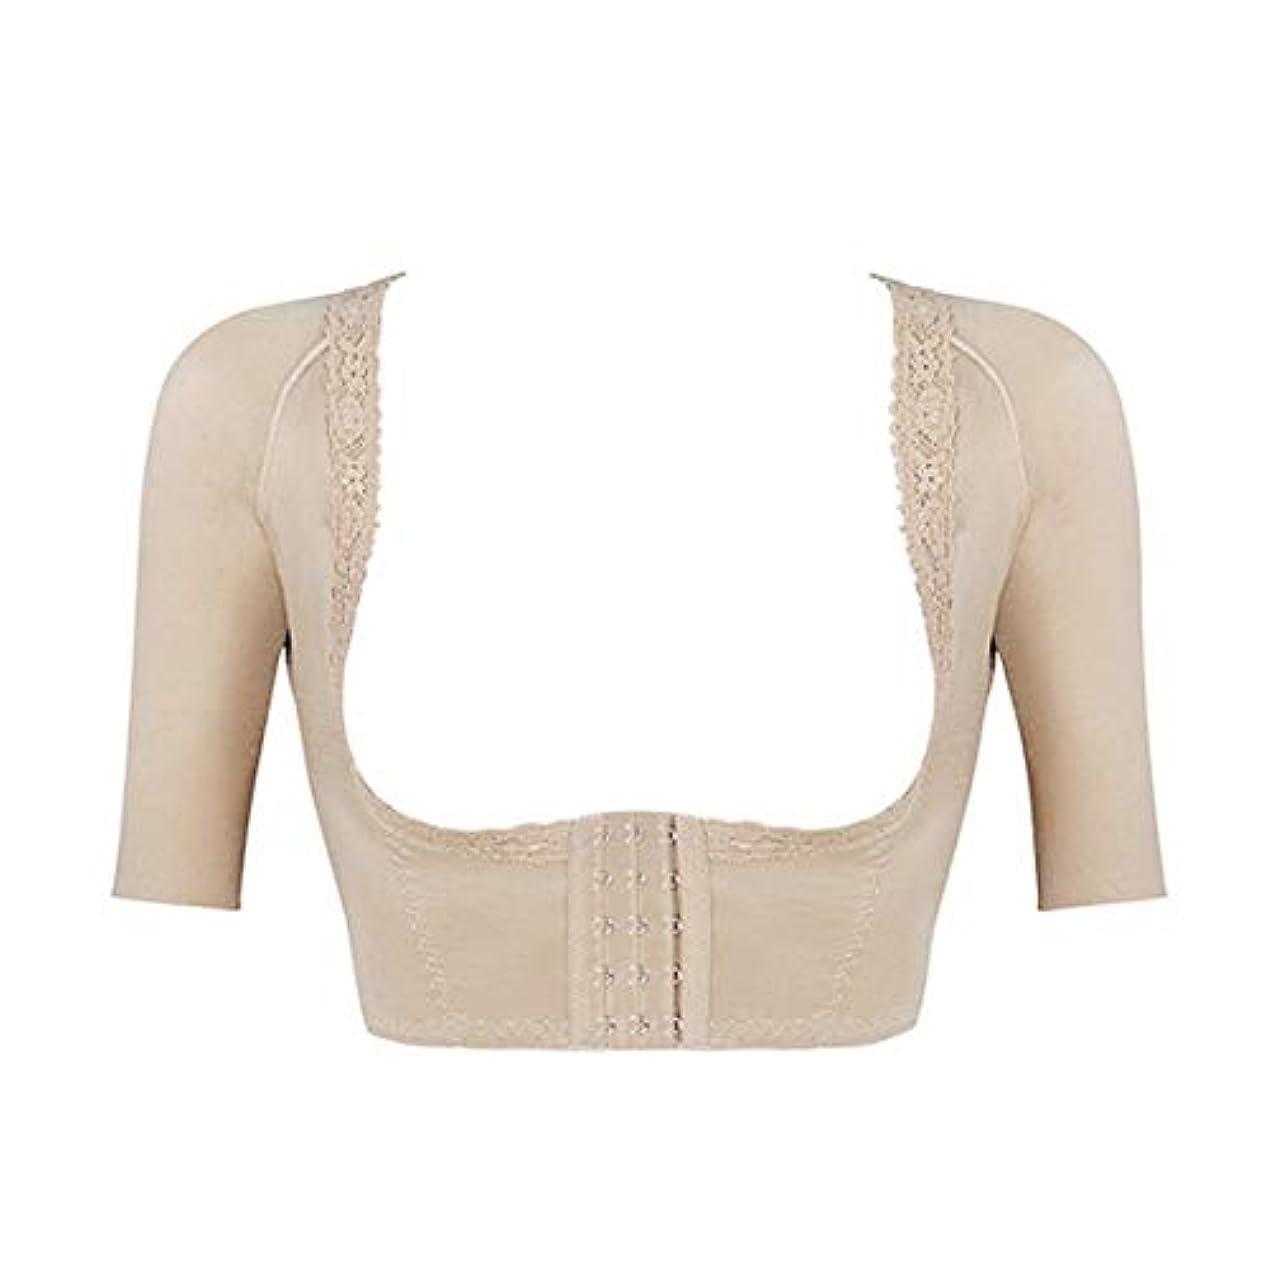 施し技術者スペア女性のボディシェイパートップス快適な女性の腕の脂肪燃焼乳房リフトシェイプウェアスリムトレーナーコルセット-スキンカラー-70